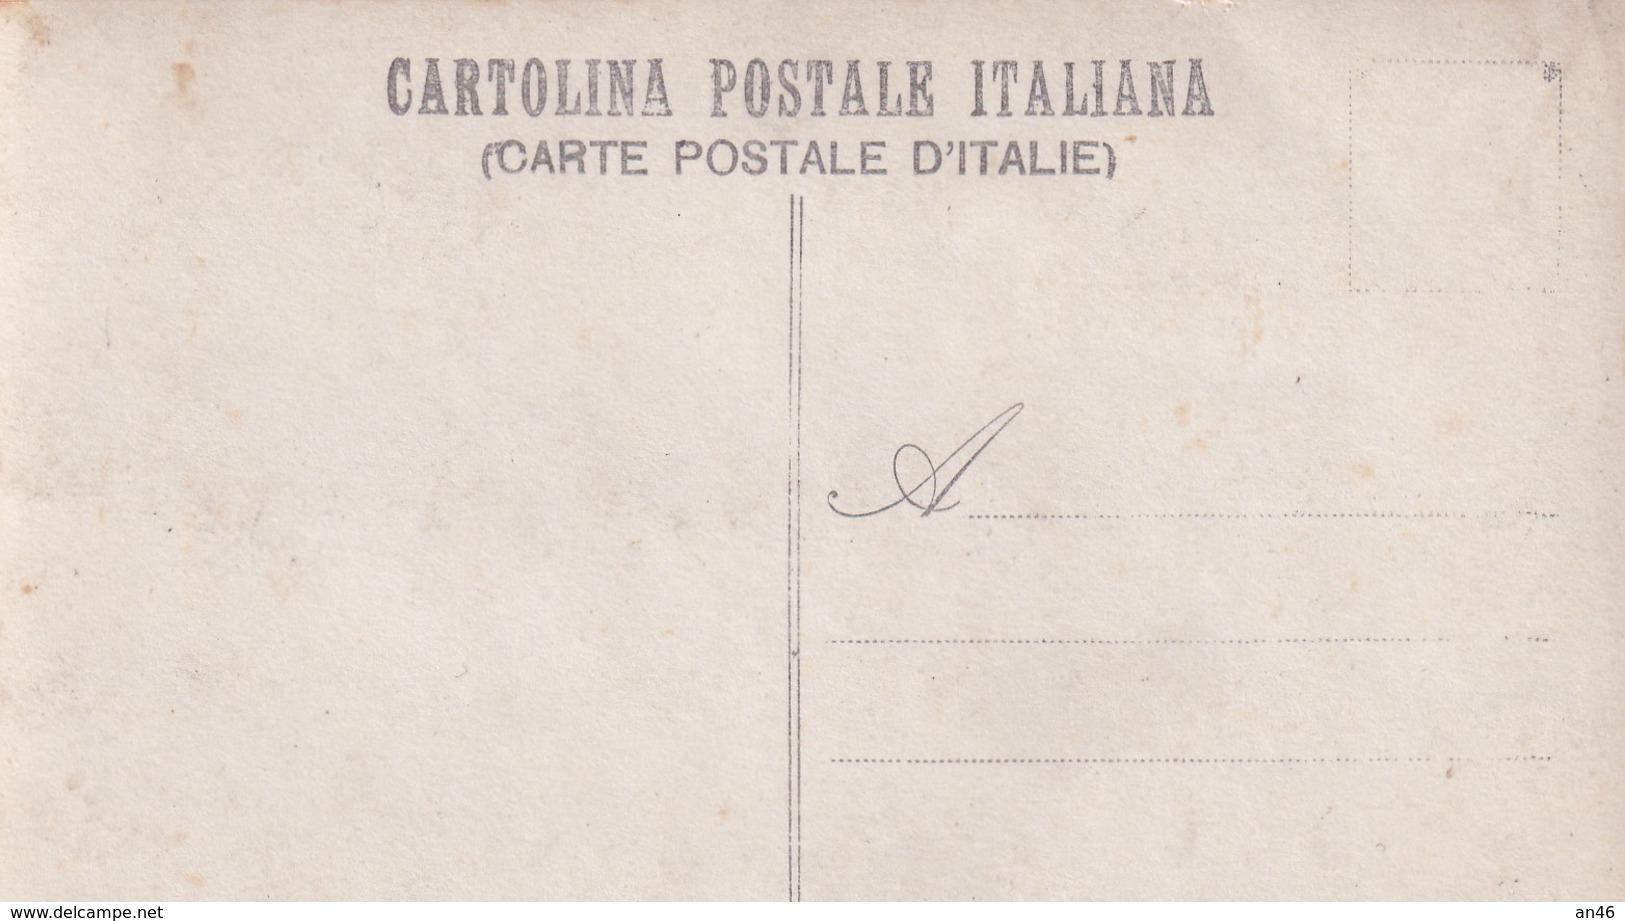 Fotocartolina Commando Del Corpo D'occupazione In Attesa Dell'arrivo Del Ministro Bertolini_Carabinieri-Originale100%an2 - Fotografía